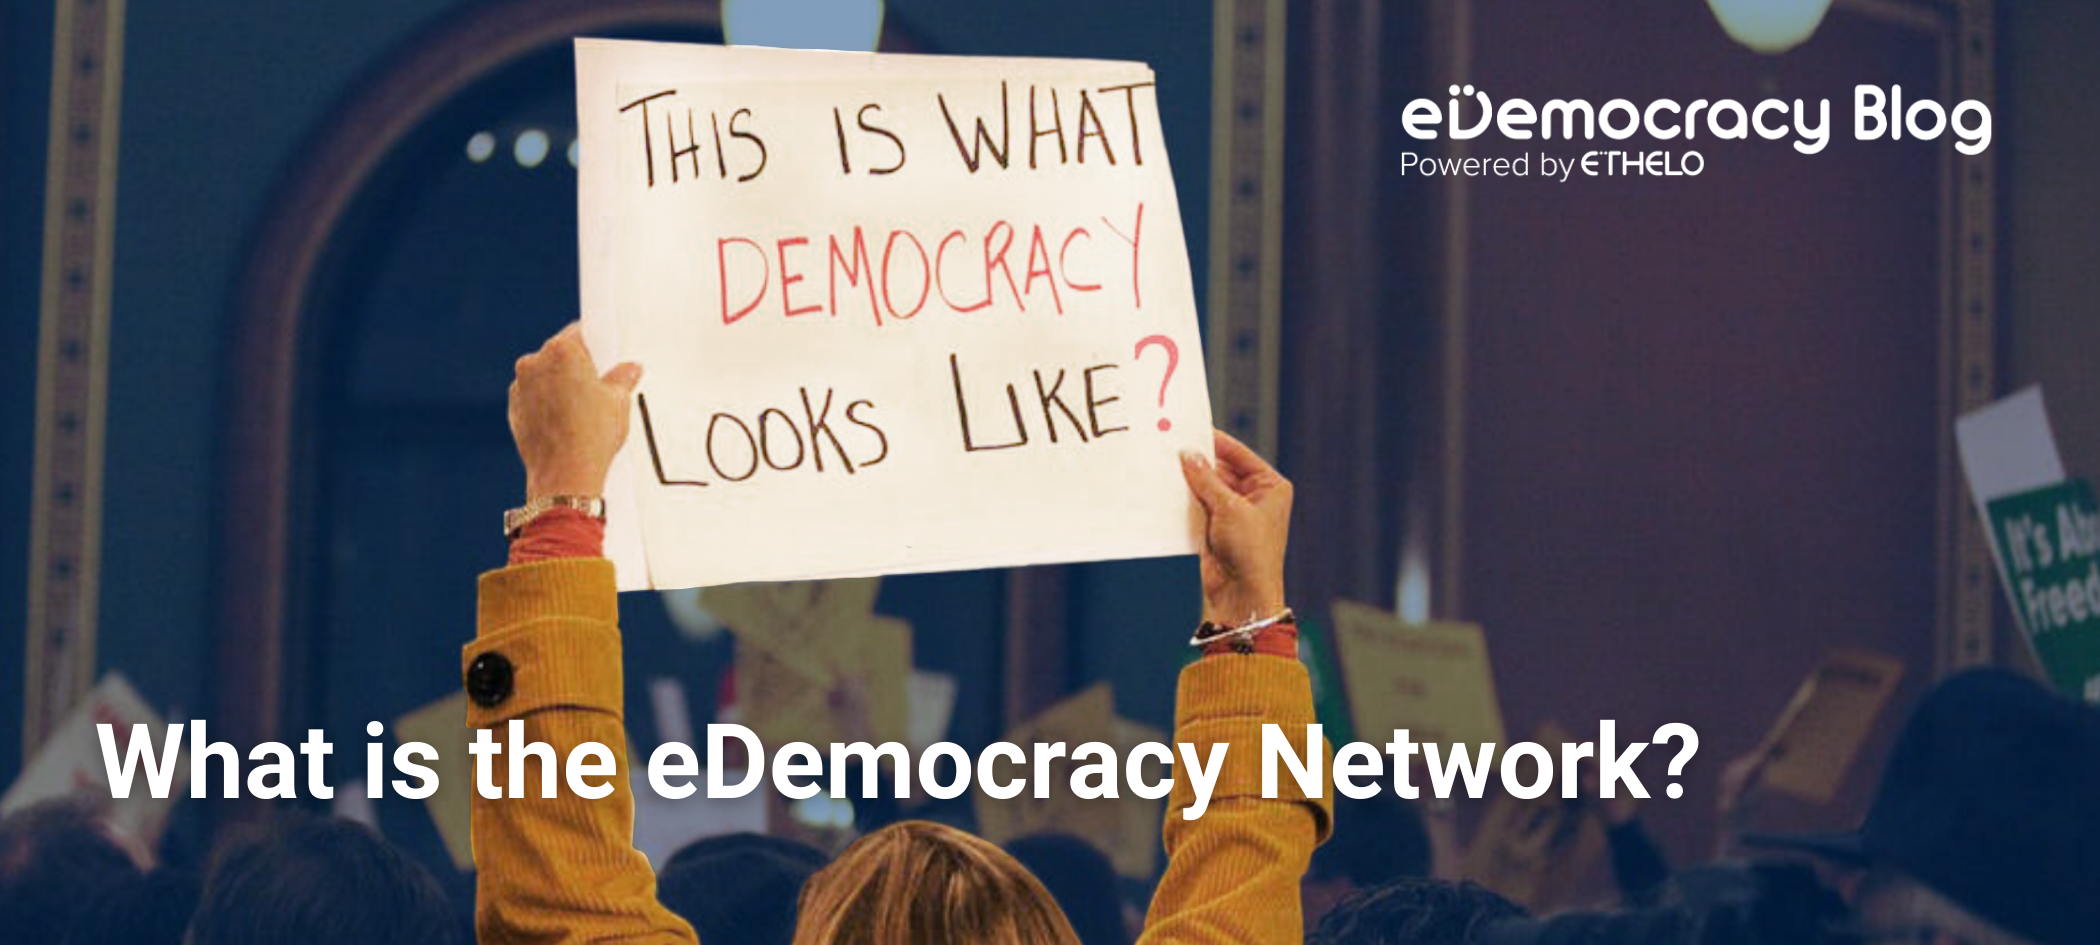 eDemocracy Network - Blog image